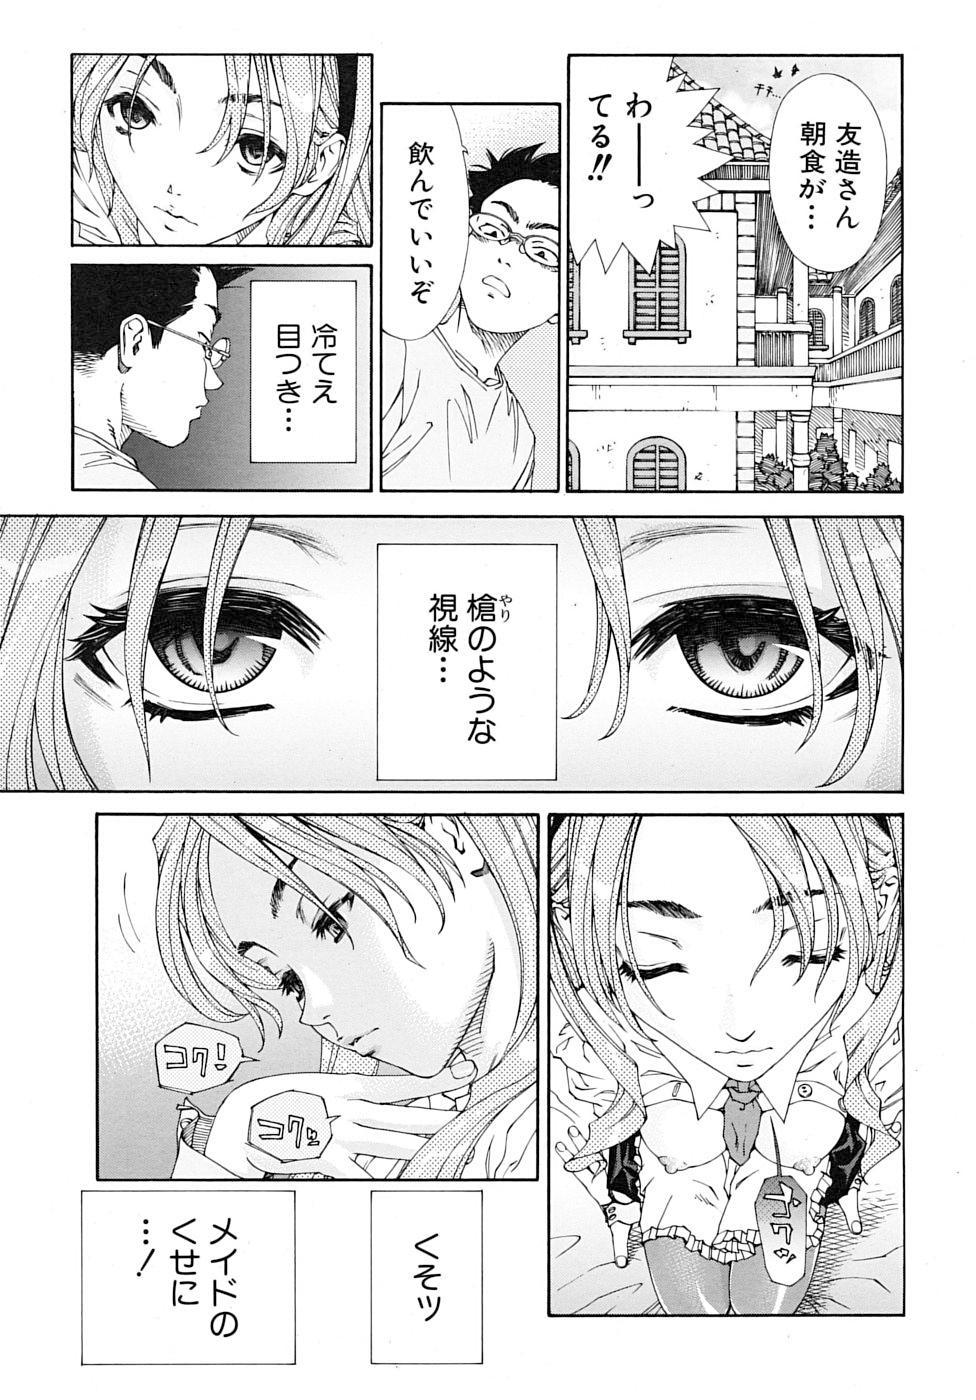 Amamori no Yari 4